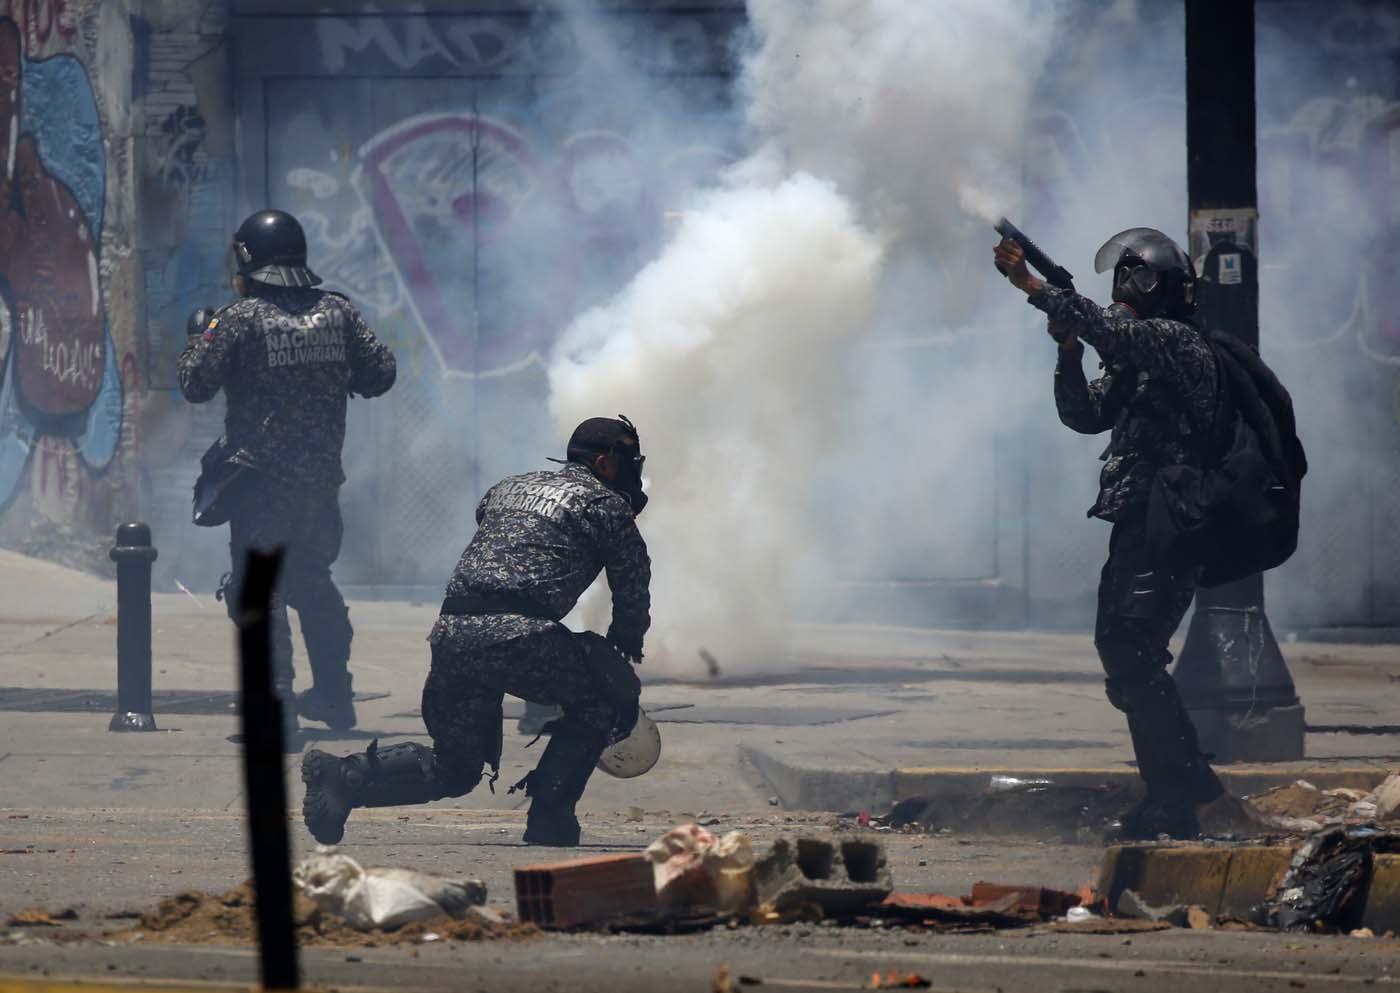 Los miembros de las fuerzas de seguridad disparan latas de gas lacrimógeno después de que estallaron los enfrentamientos mientras se llevaba a cabo la elección de la Asamblea Constituyente en Caracas, Venezuela, el 30 de julio de 2017. REUTERS/Carlos Garcia Rawlins